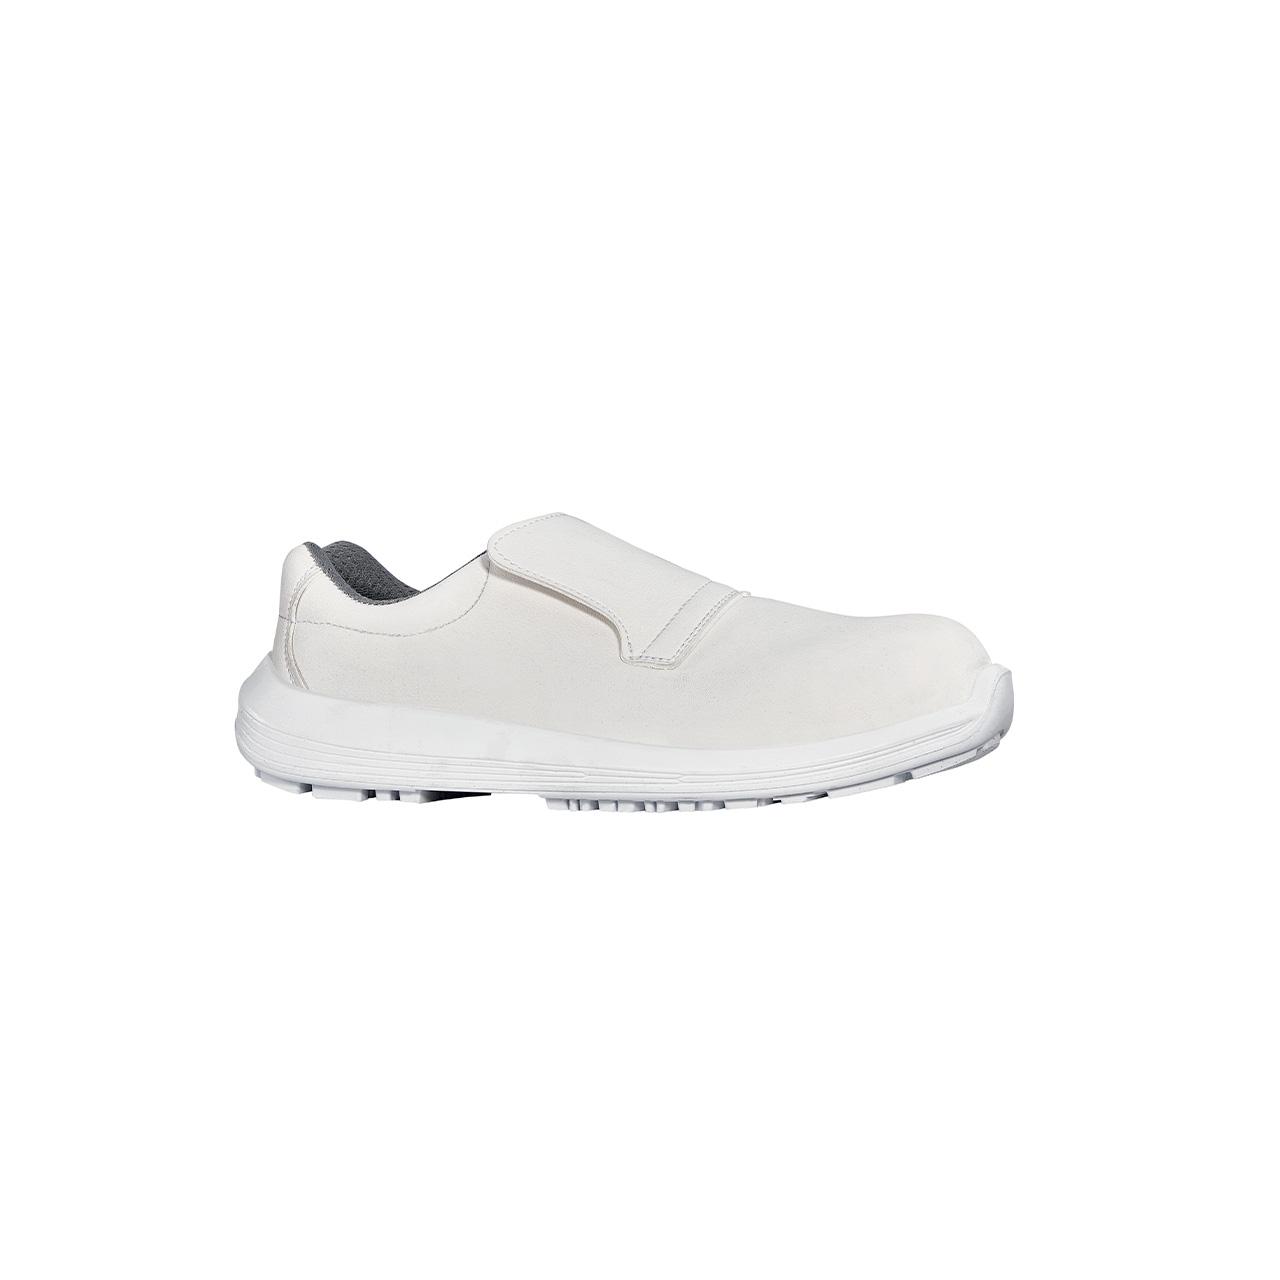 scarpa antinfortunistica upower modello response linea black68_white vista laterale